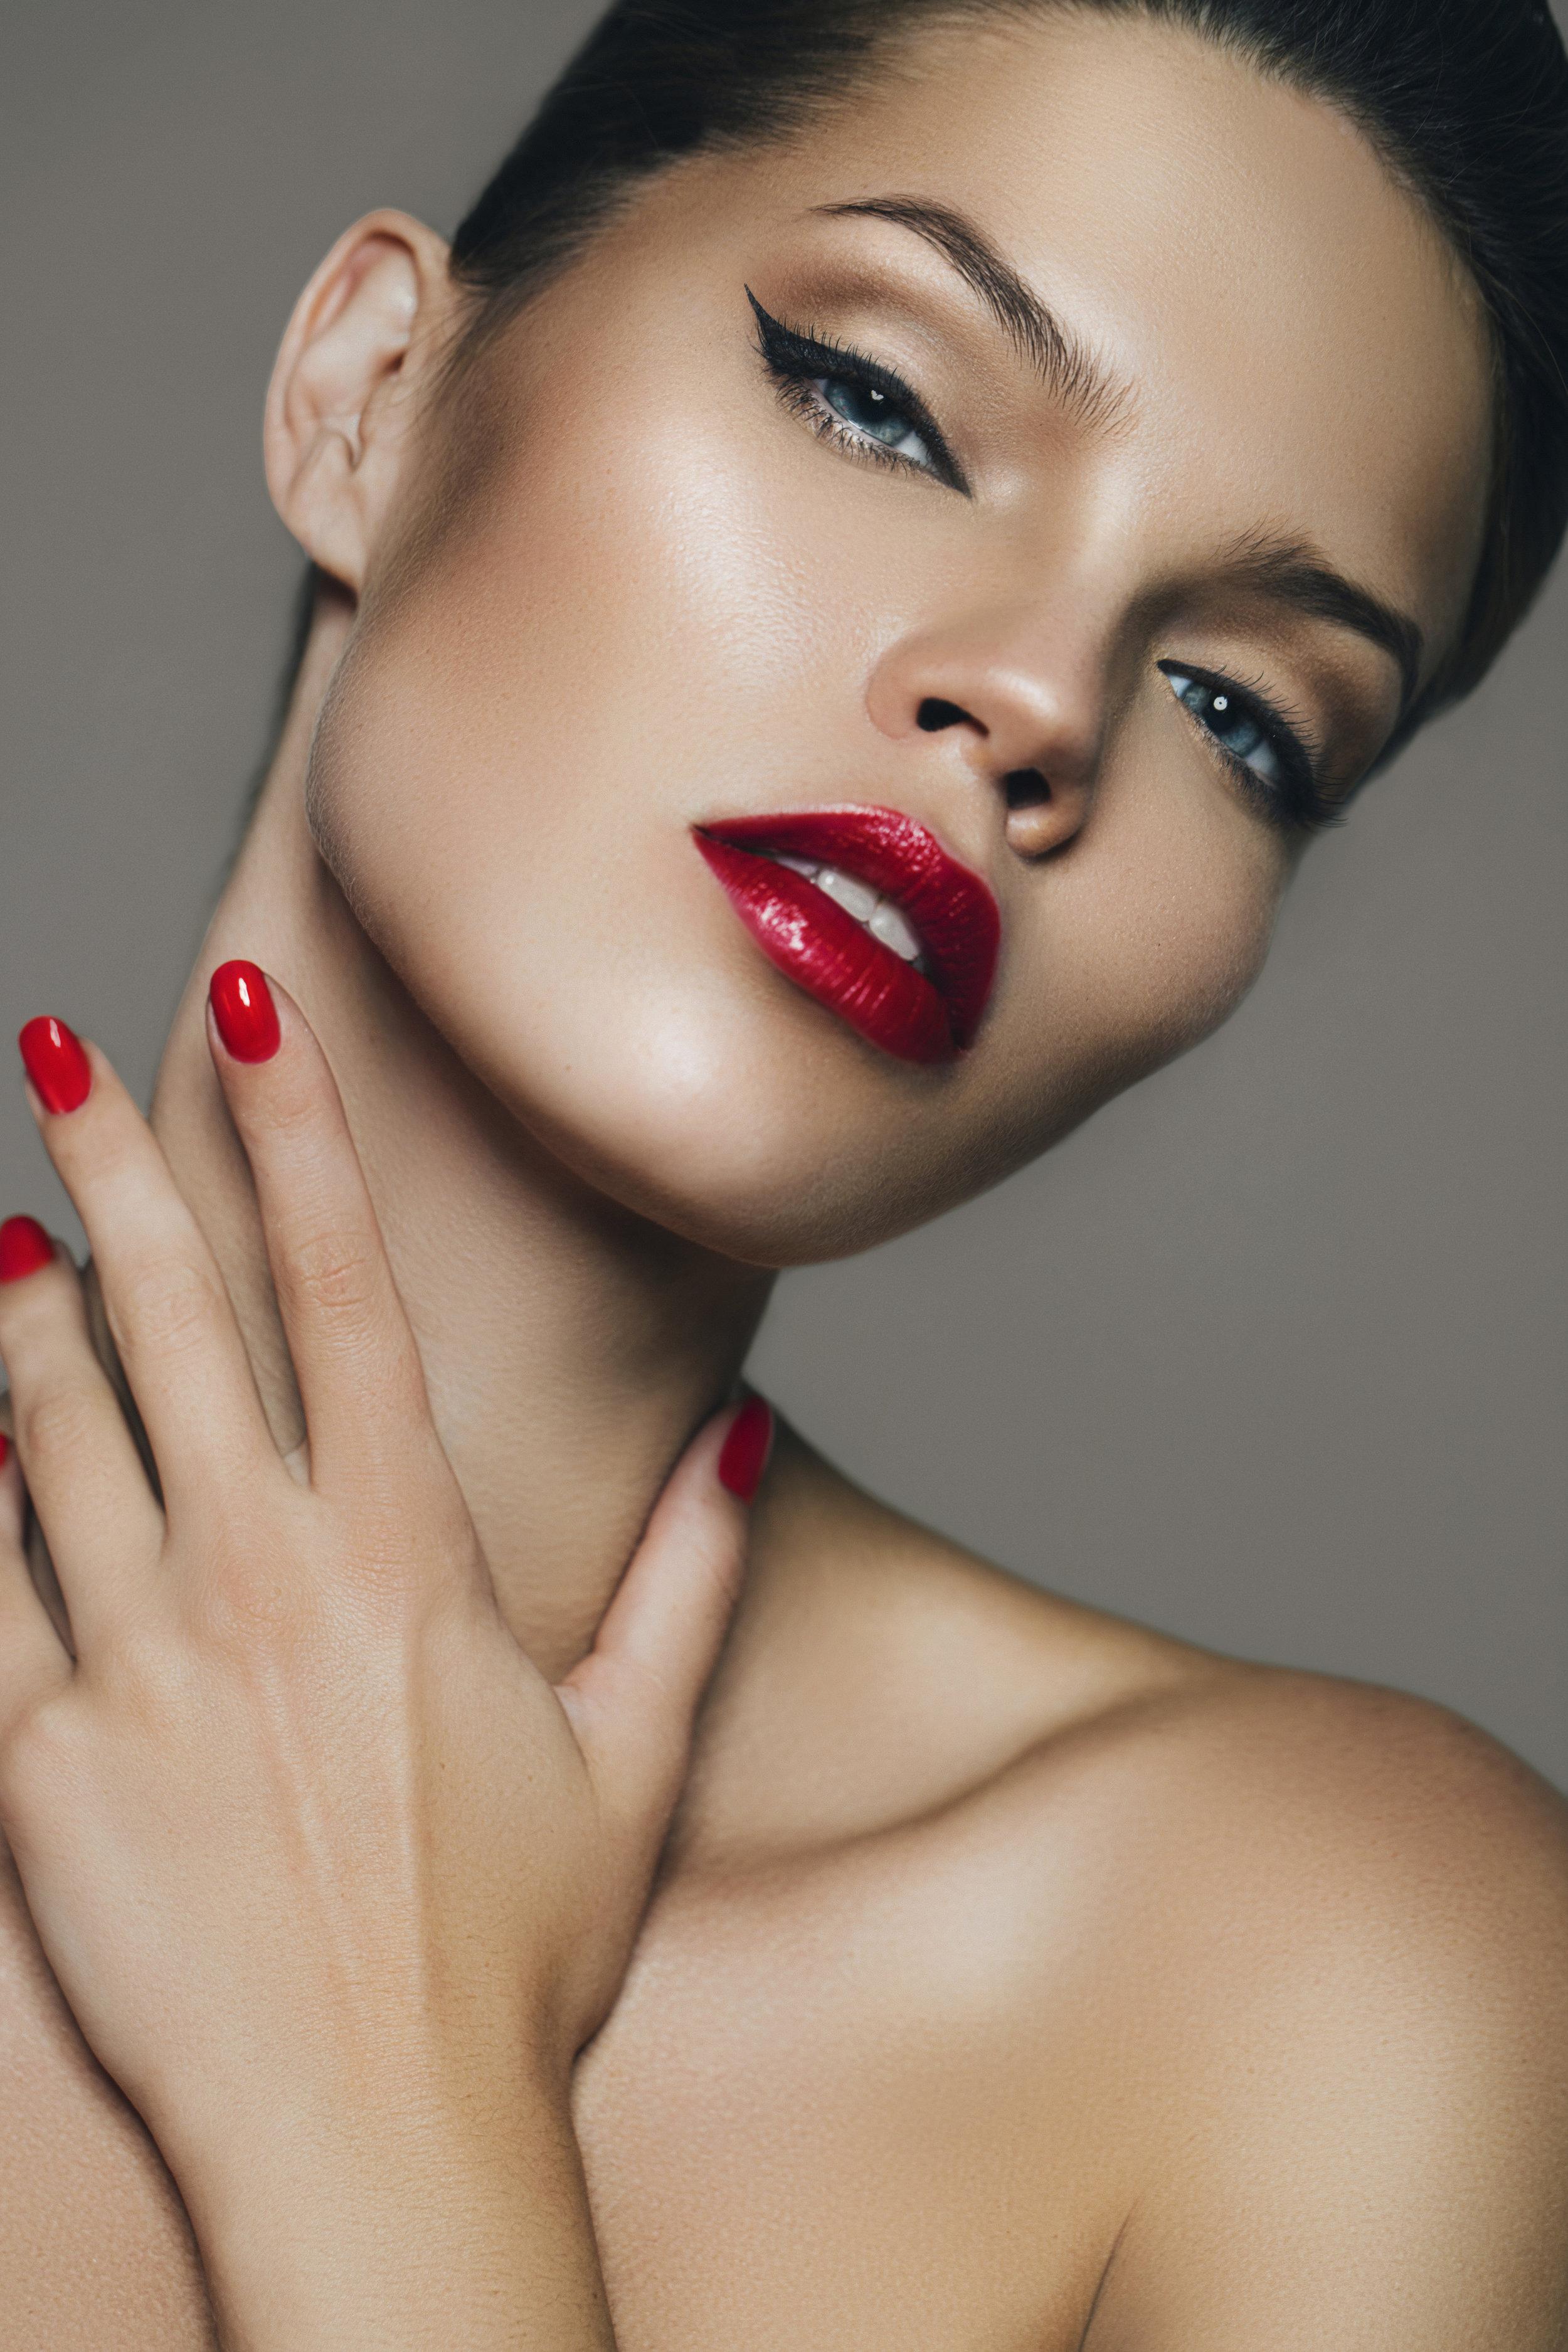 blush-beauty-lookspire-model.jpg